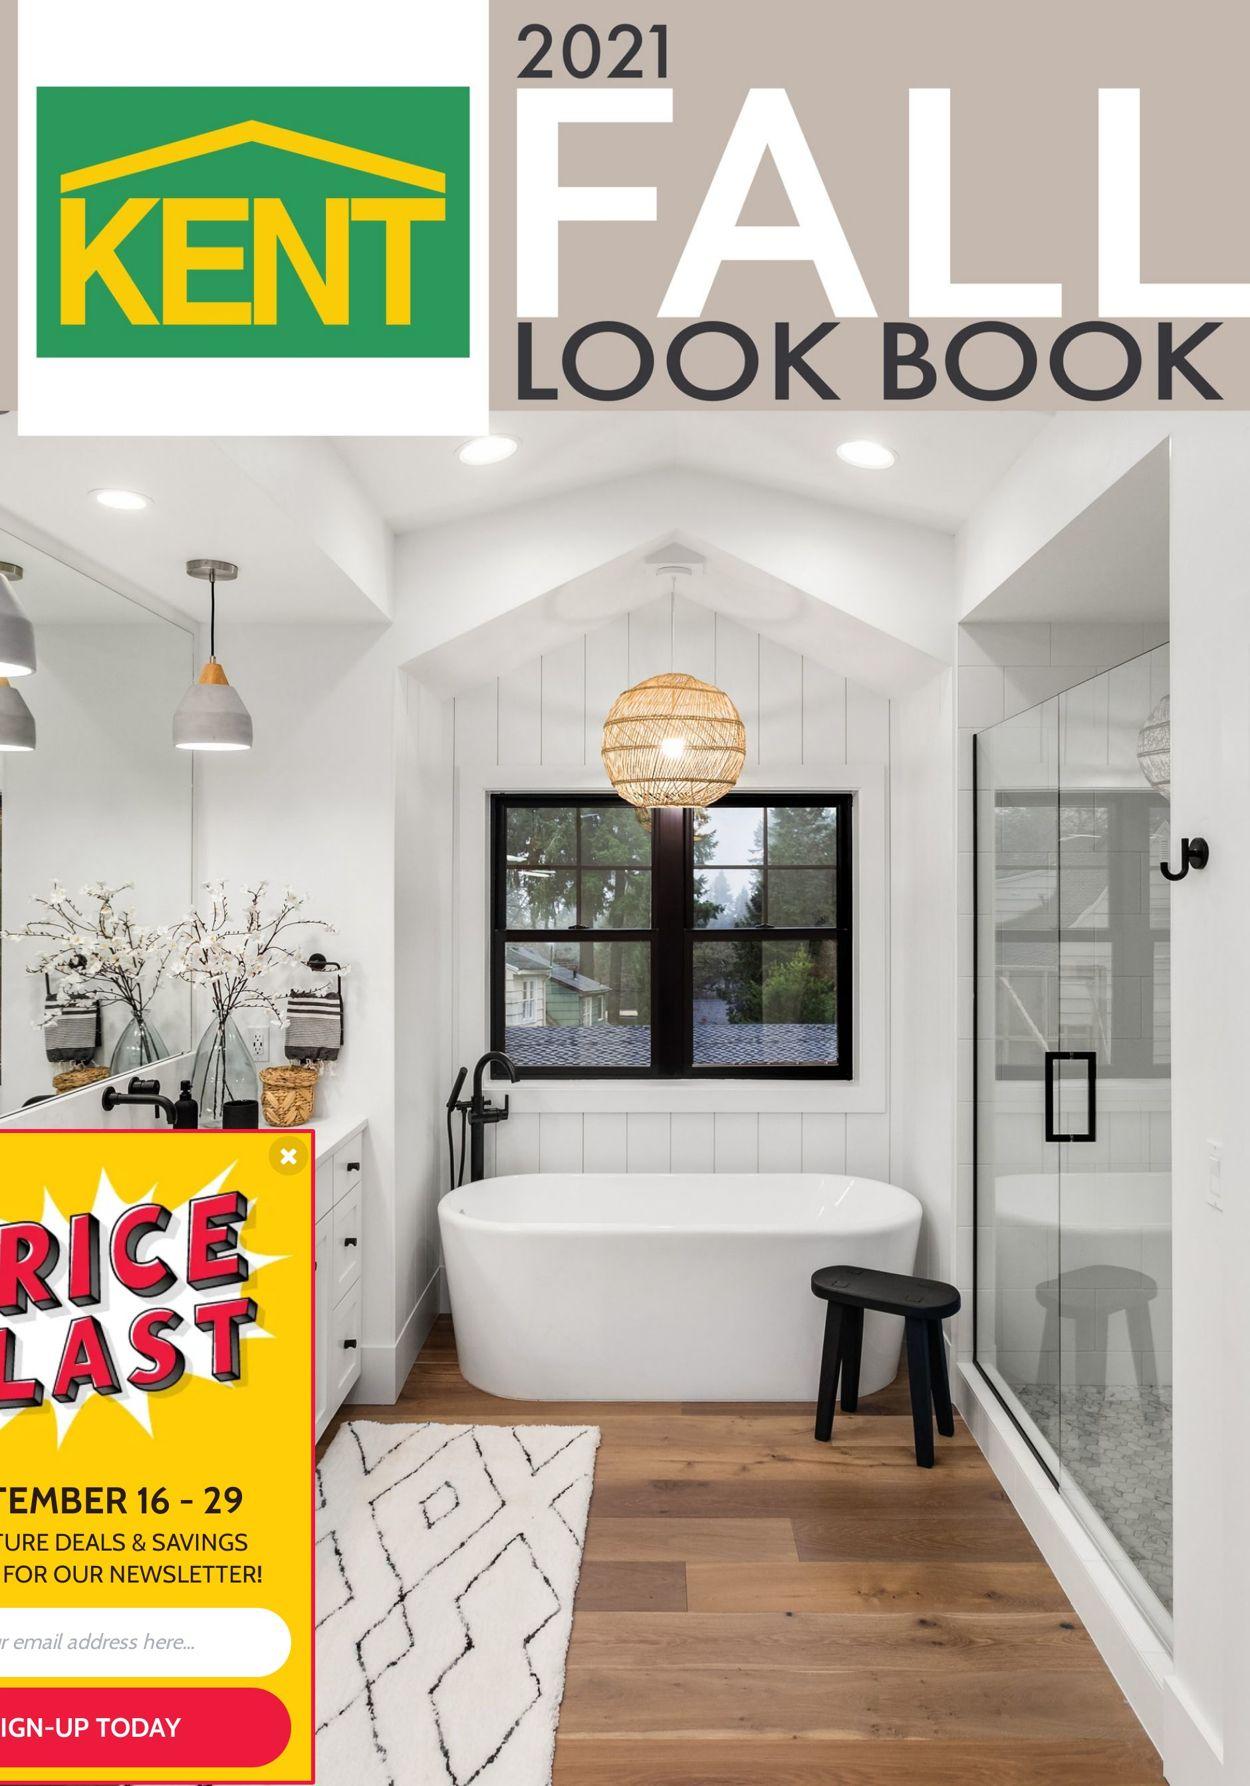 Kent Flyer - 09/16-09/29/2021